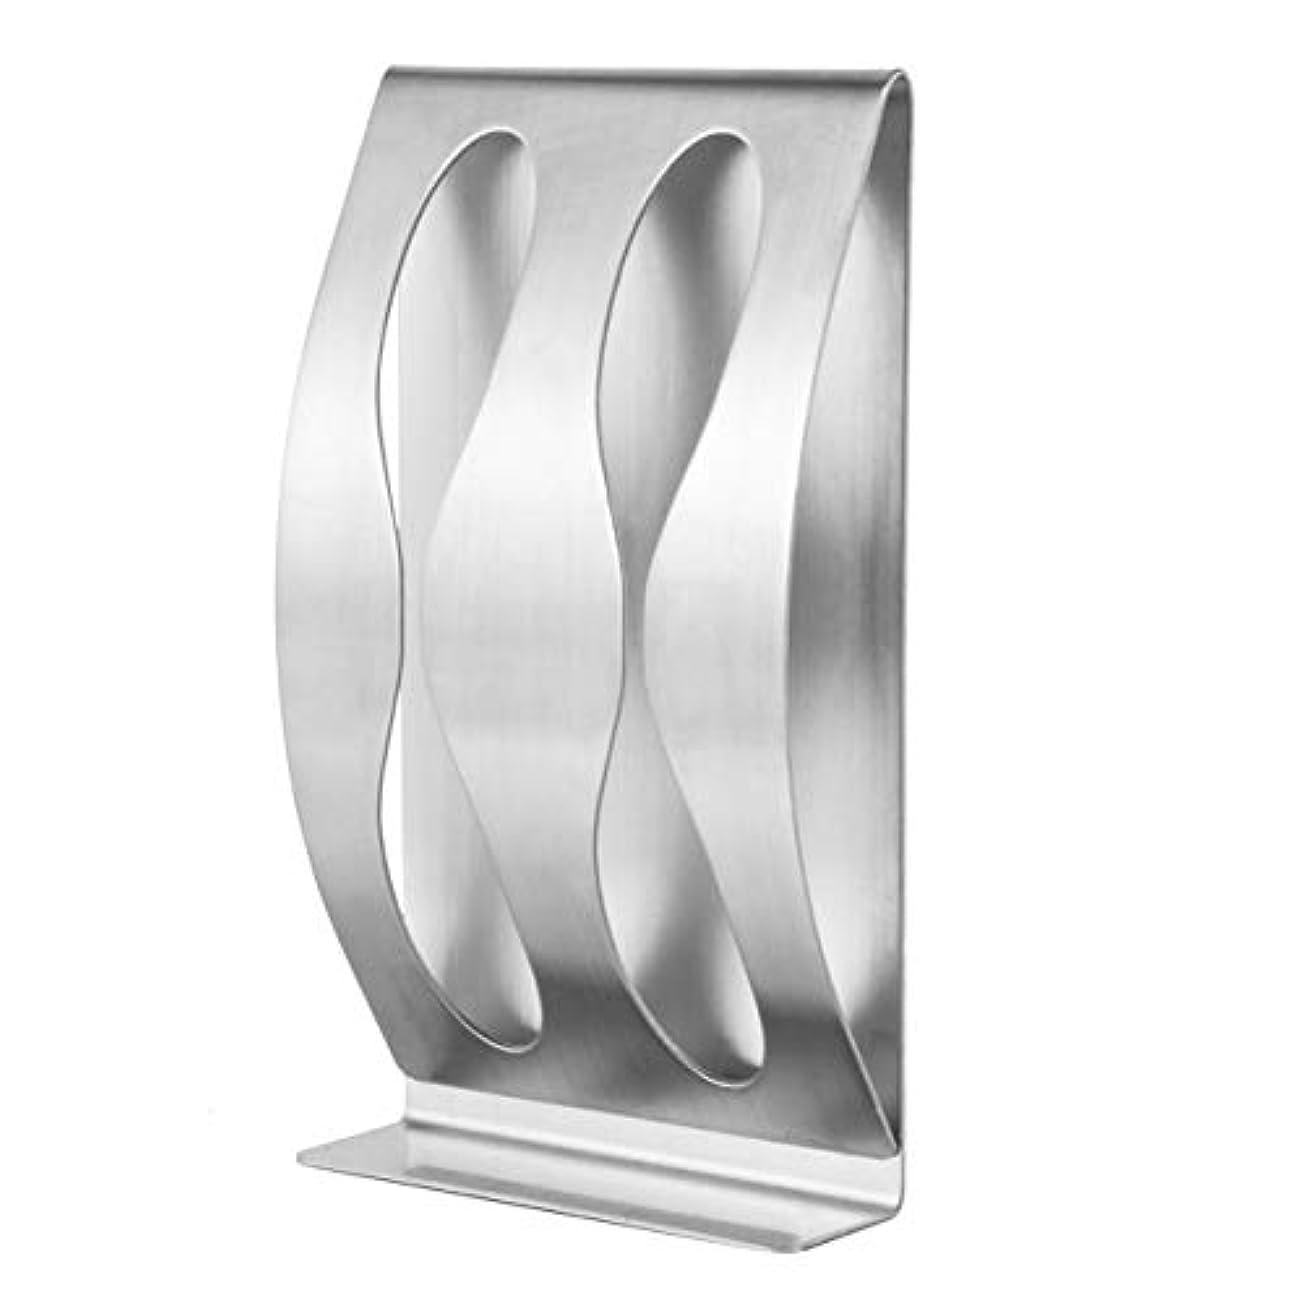 印象派反逆タイムリーな2穴の棚が付いているステンレス鋼の歯ブラシの壁に取り付けられた歯ブラシのホールダー、銀